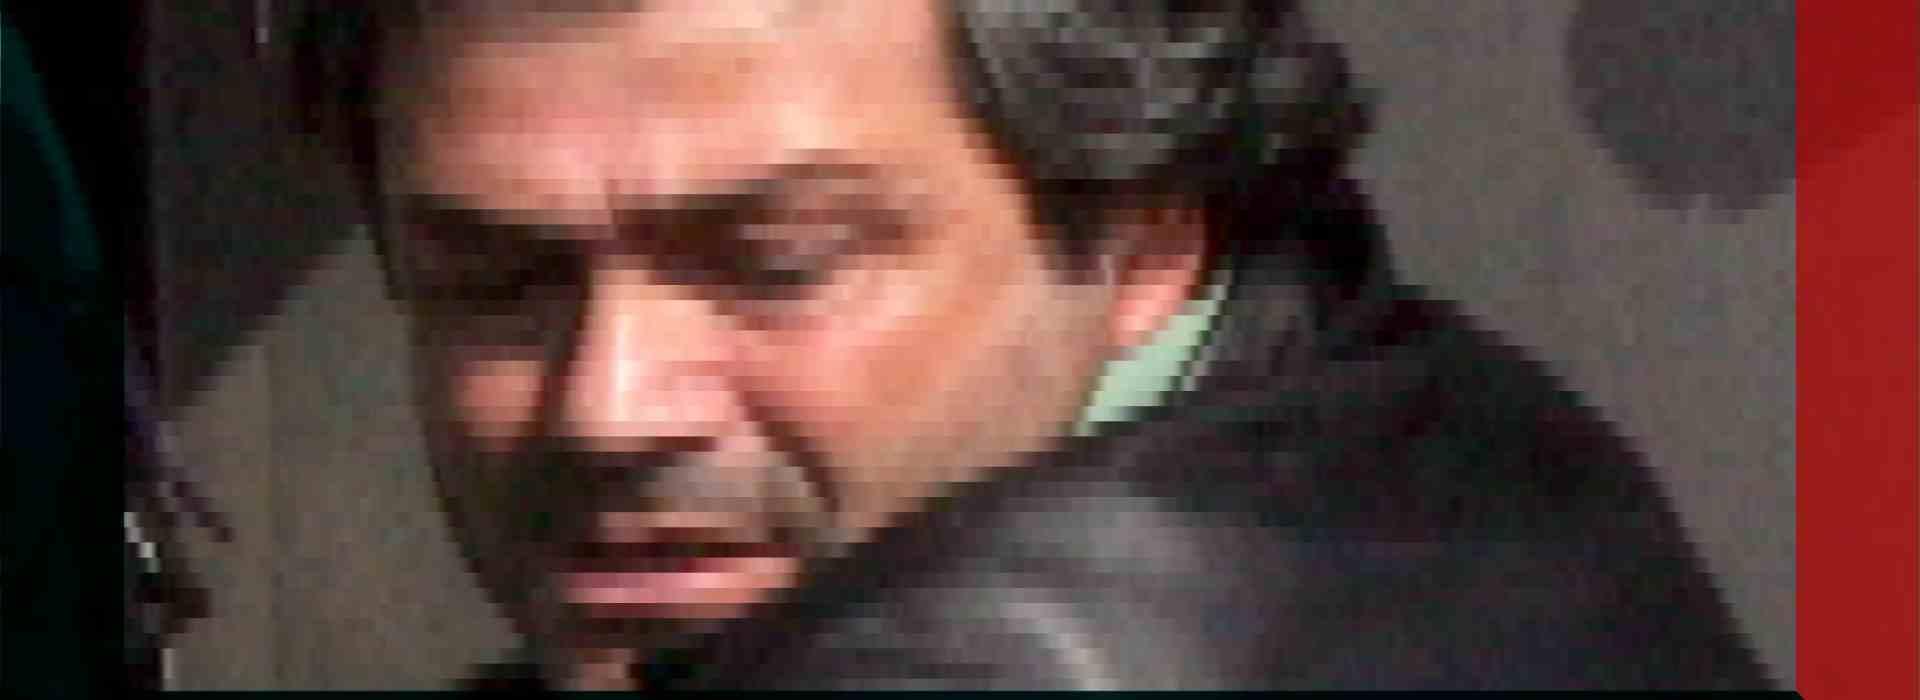 Marco Mancini, la spia va in pensione forzata. E si porta dietro i segreti di Stato